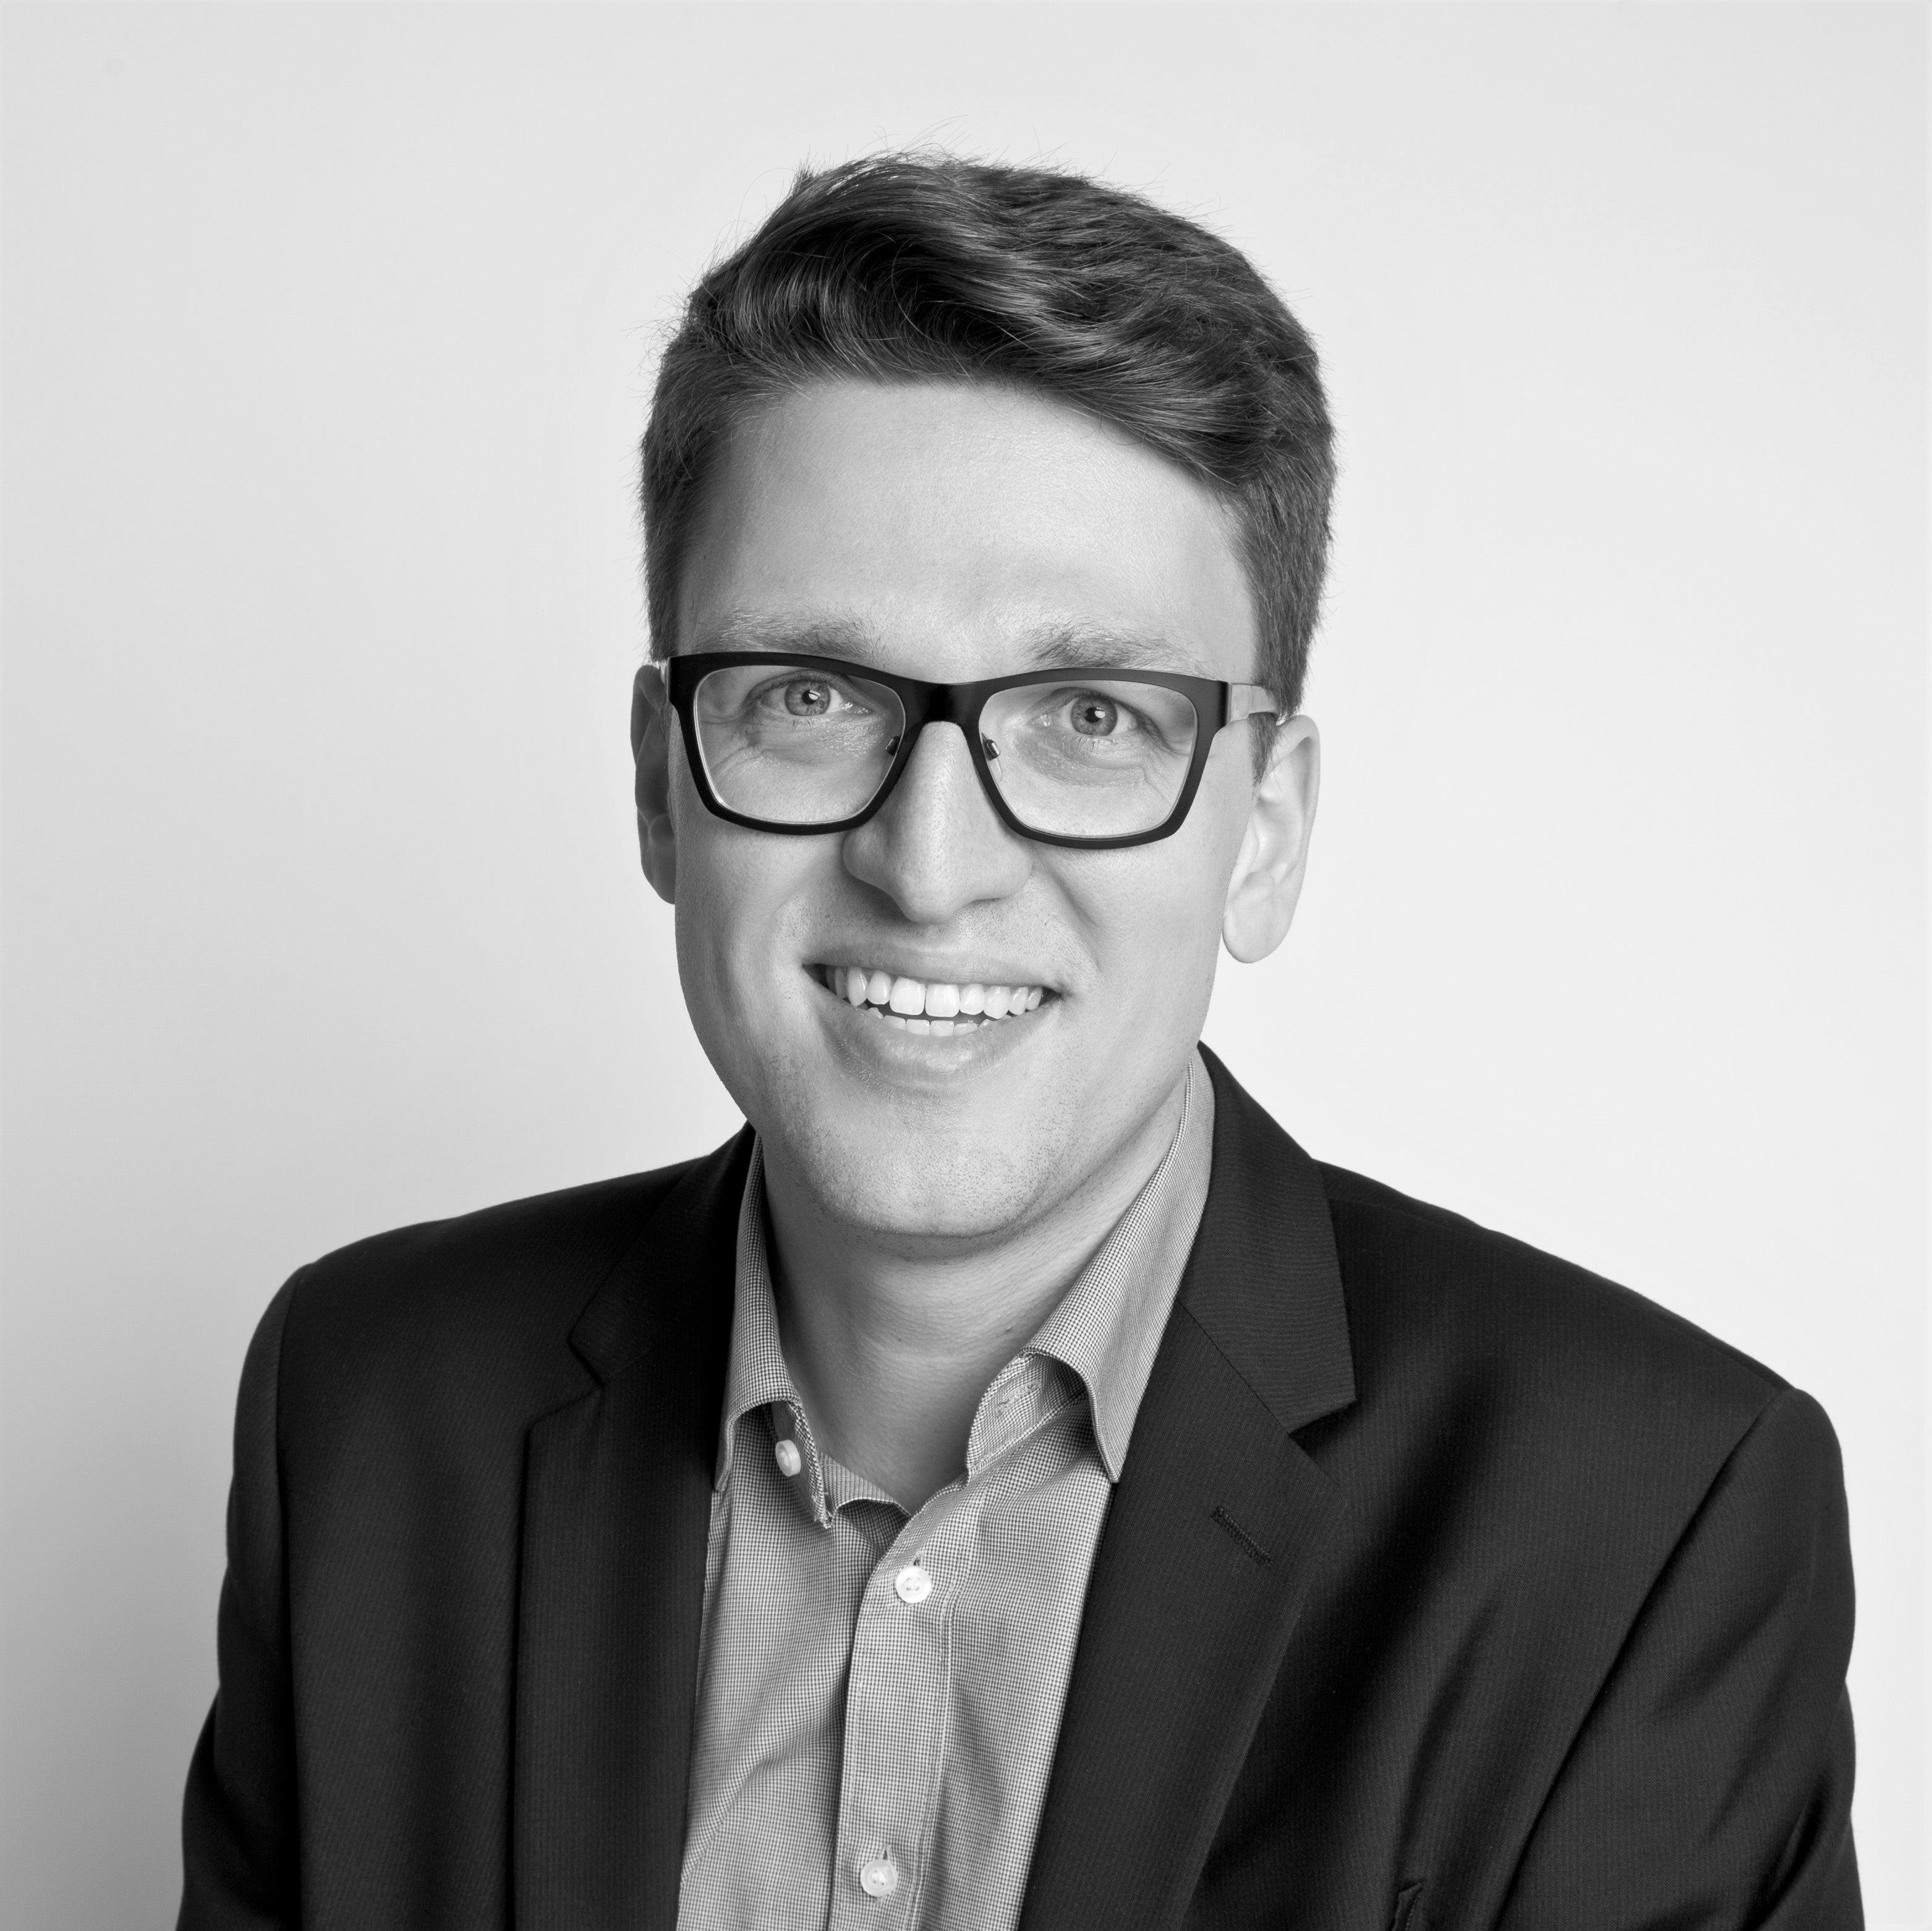 Thomas Spiegel, Chief Executive Officer, Dentsu Aegis Network Switzerland